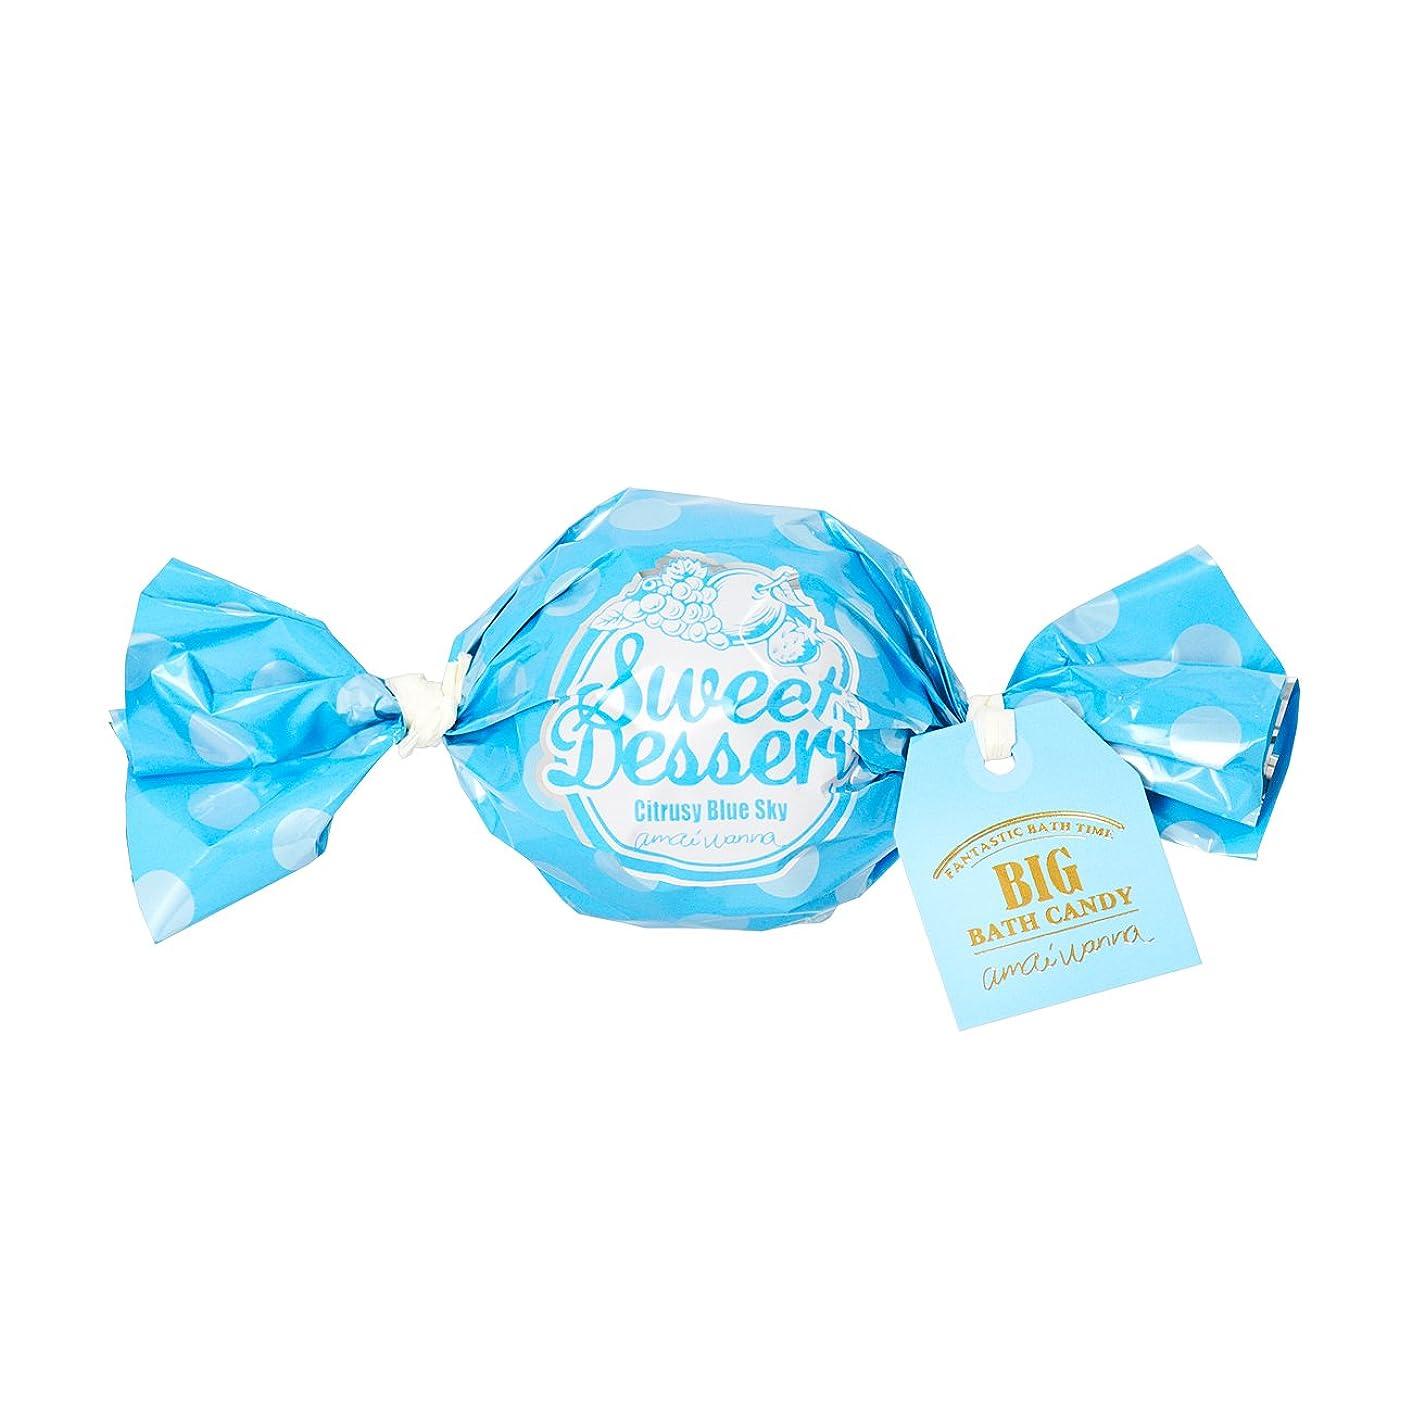 つらい閲覧する小売アマイワナ ビッグバスキャンディー 青空シトラス 100g(発泡タイプ入浴料 おおらかで凛としたシトラスの香り)